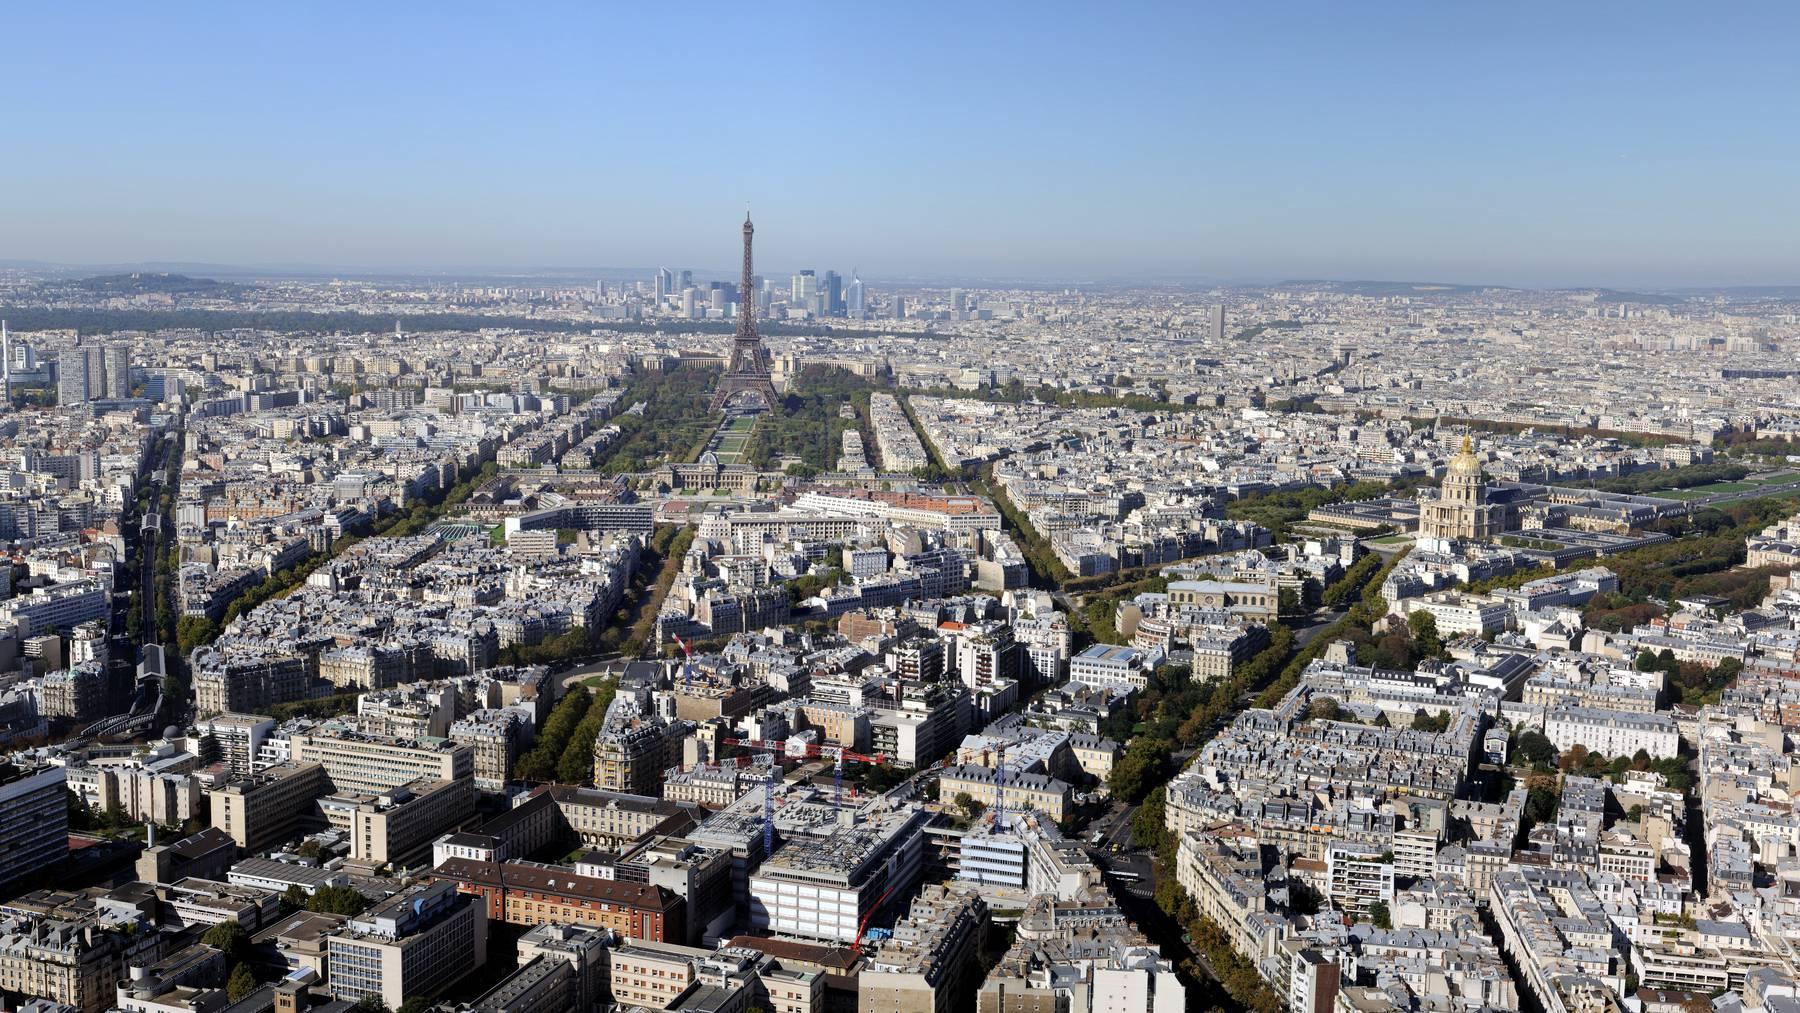 Frankreich: Eine Woche nach den Anschlägen